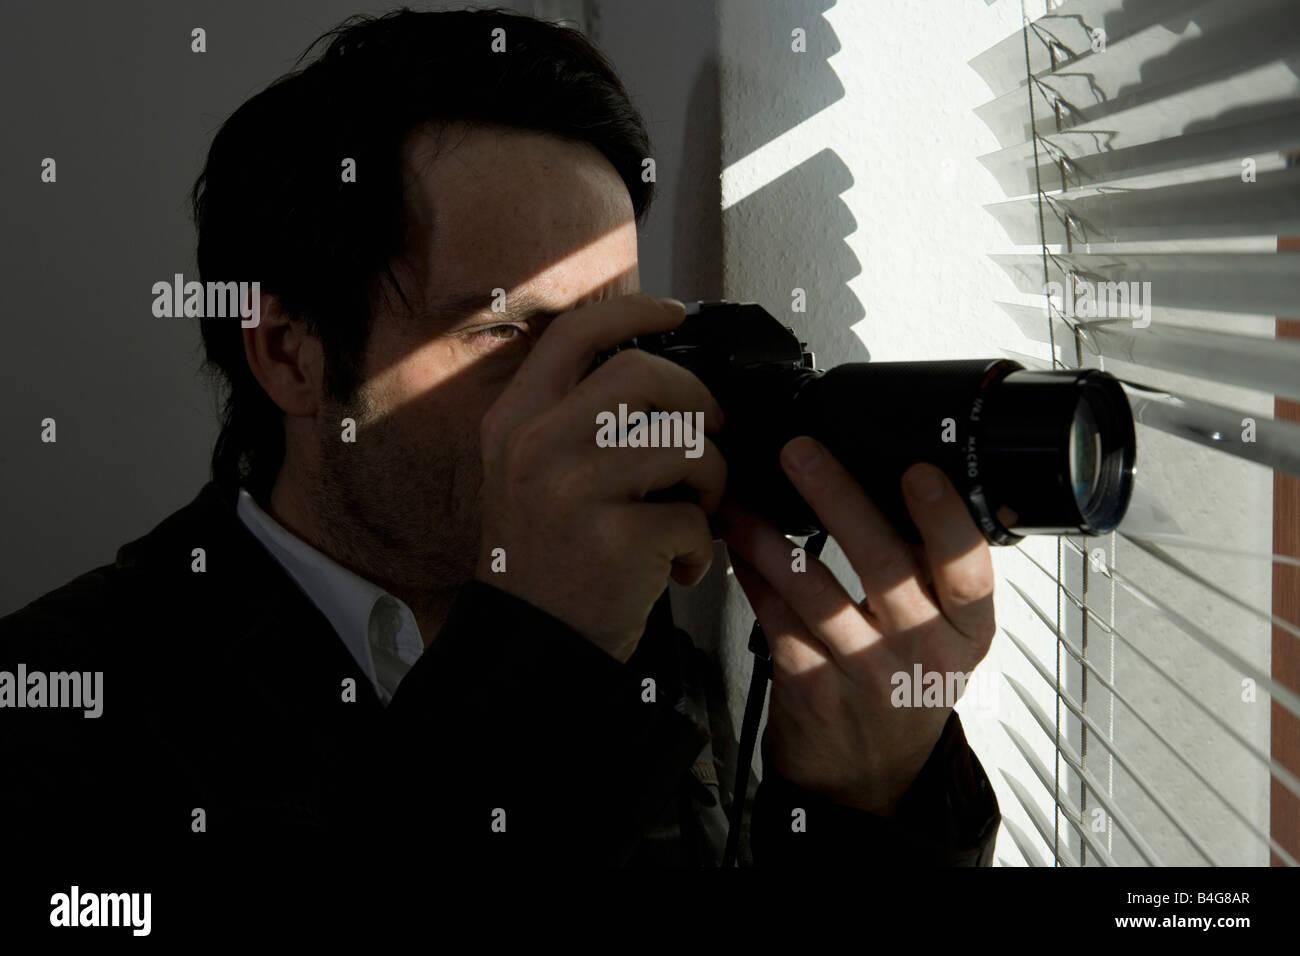 Ein Mann auf der Suche durch Jalousien mit einer Kamera Stockbild